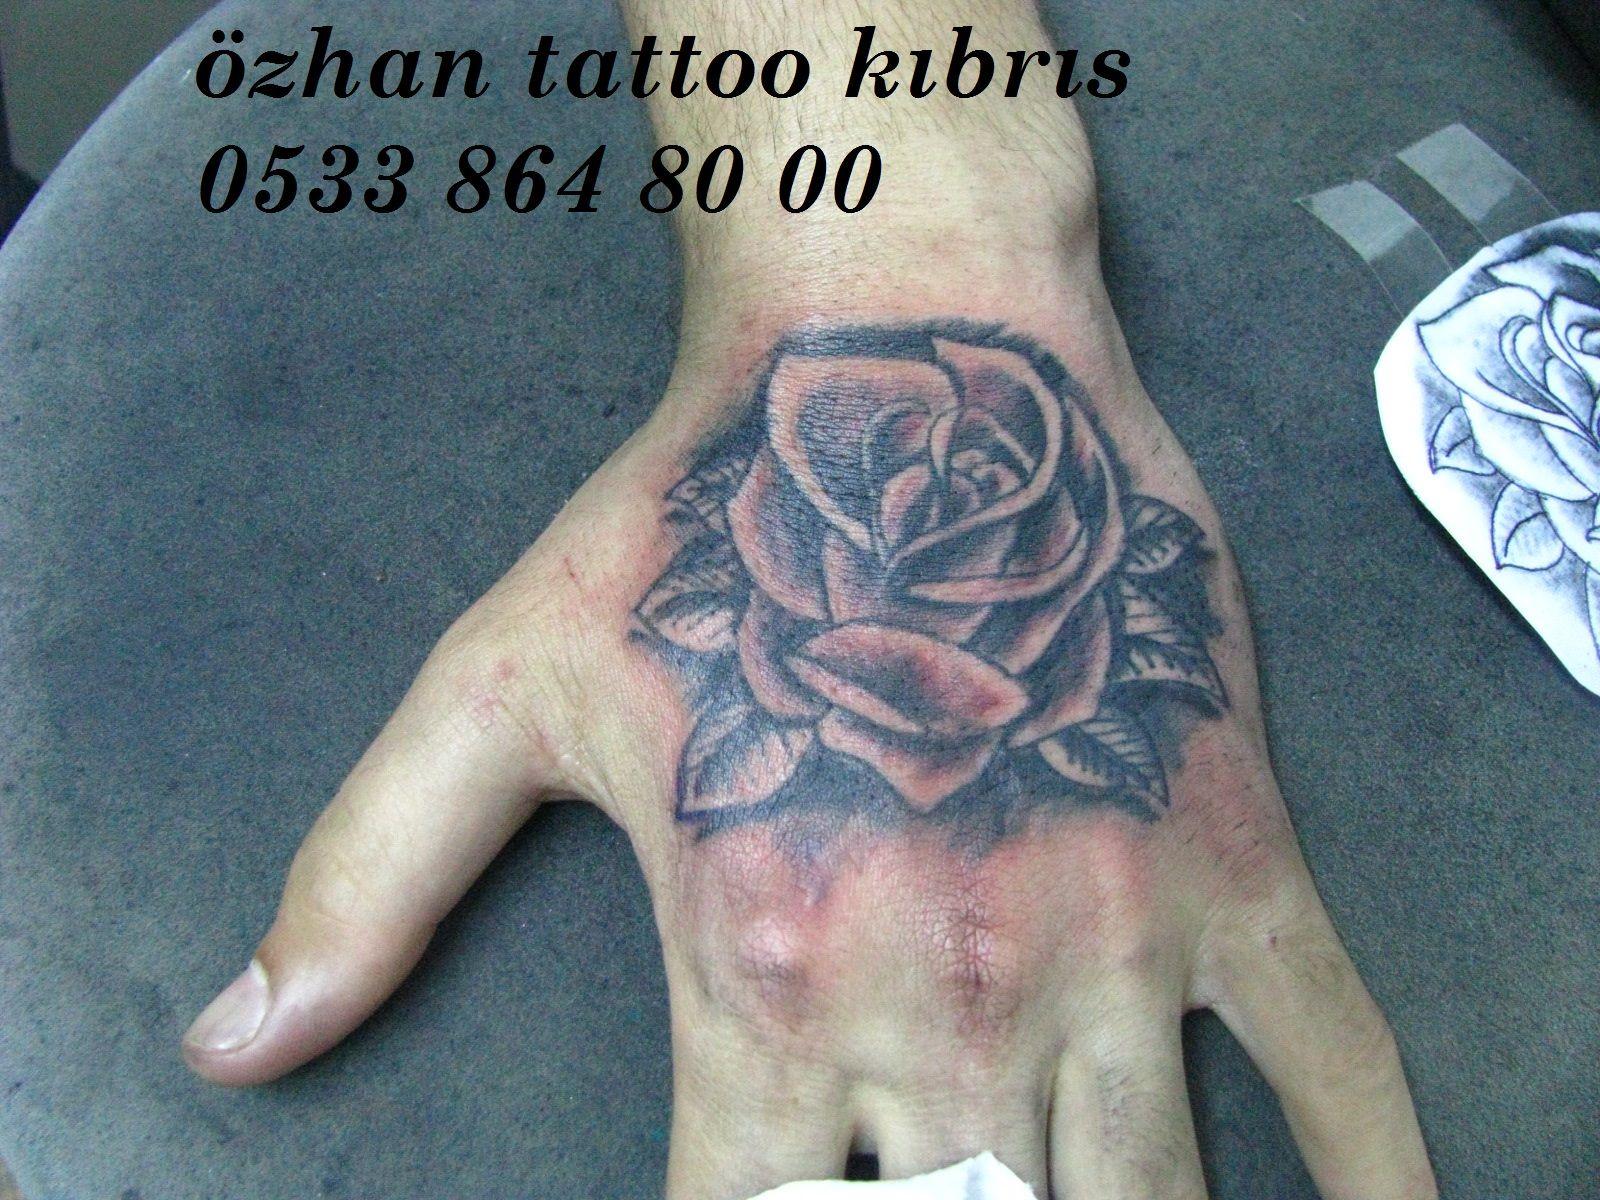 Dovme Kibris Tattoo Cyprus Cyprus Tattoo Nicosia Tattoo Dovme Modelleri Tattoo Dovme Tattoo Dovme Dovme Fiyatlari Tatto Dovme Dovme Taslaklari Dovme Modelleri